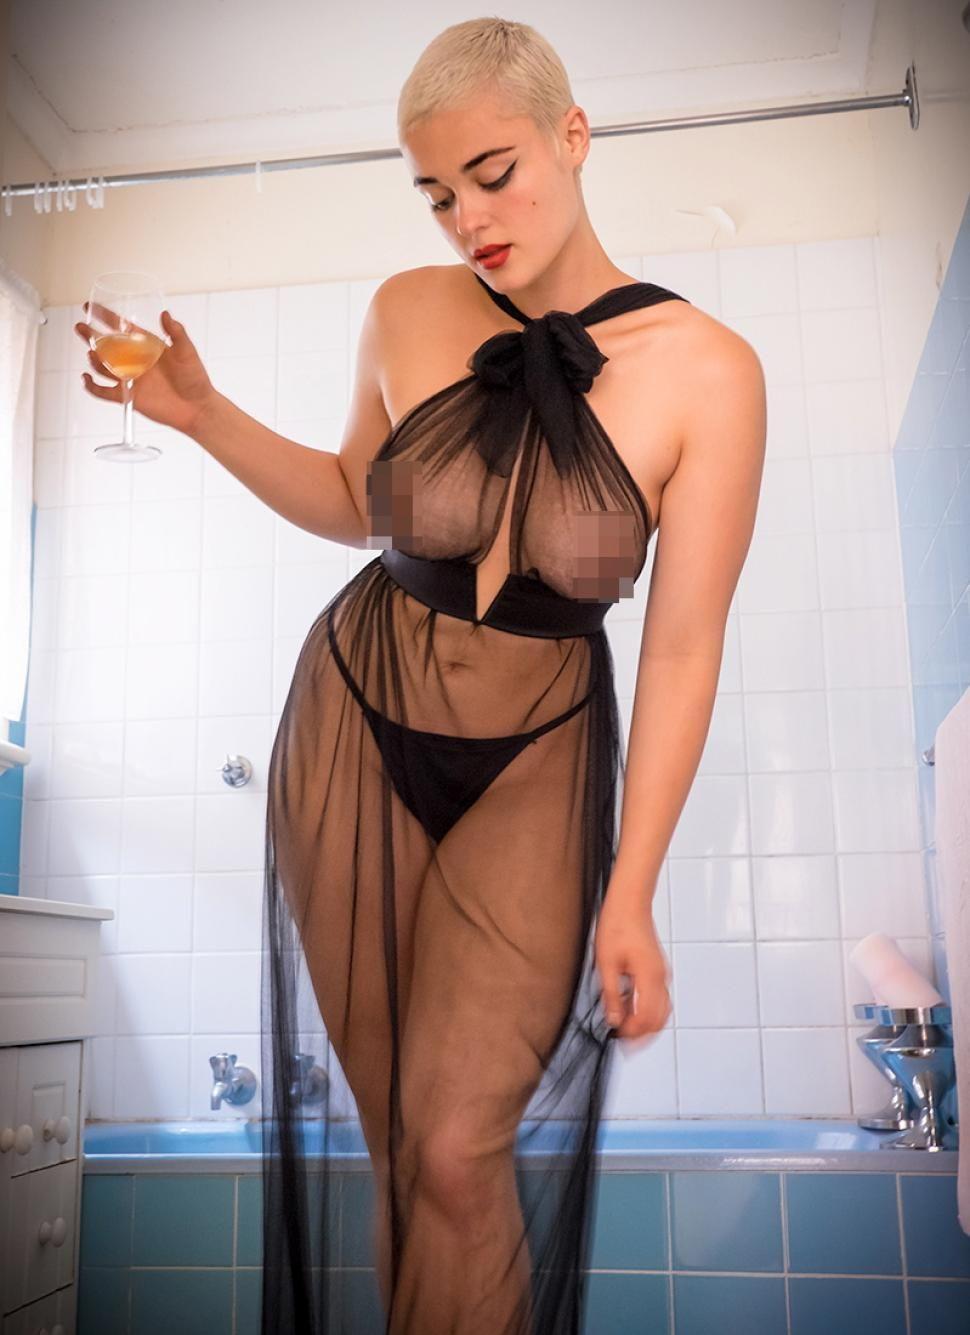 Stefania ferrario sexy 7 Photos gifs naked (47 photos)